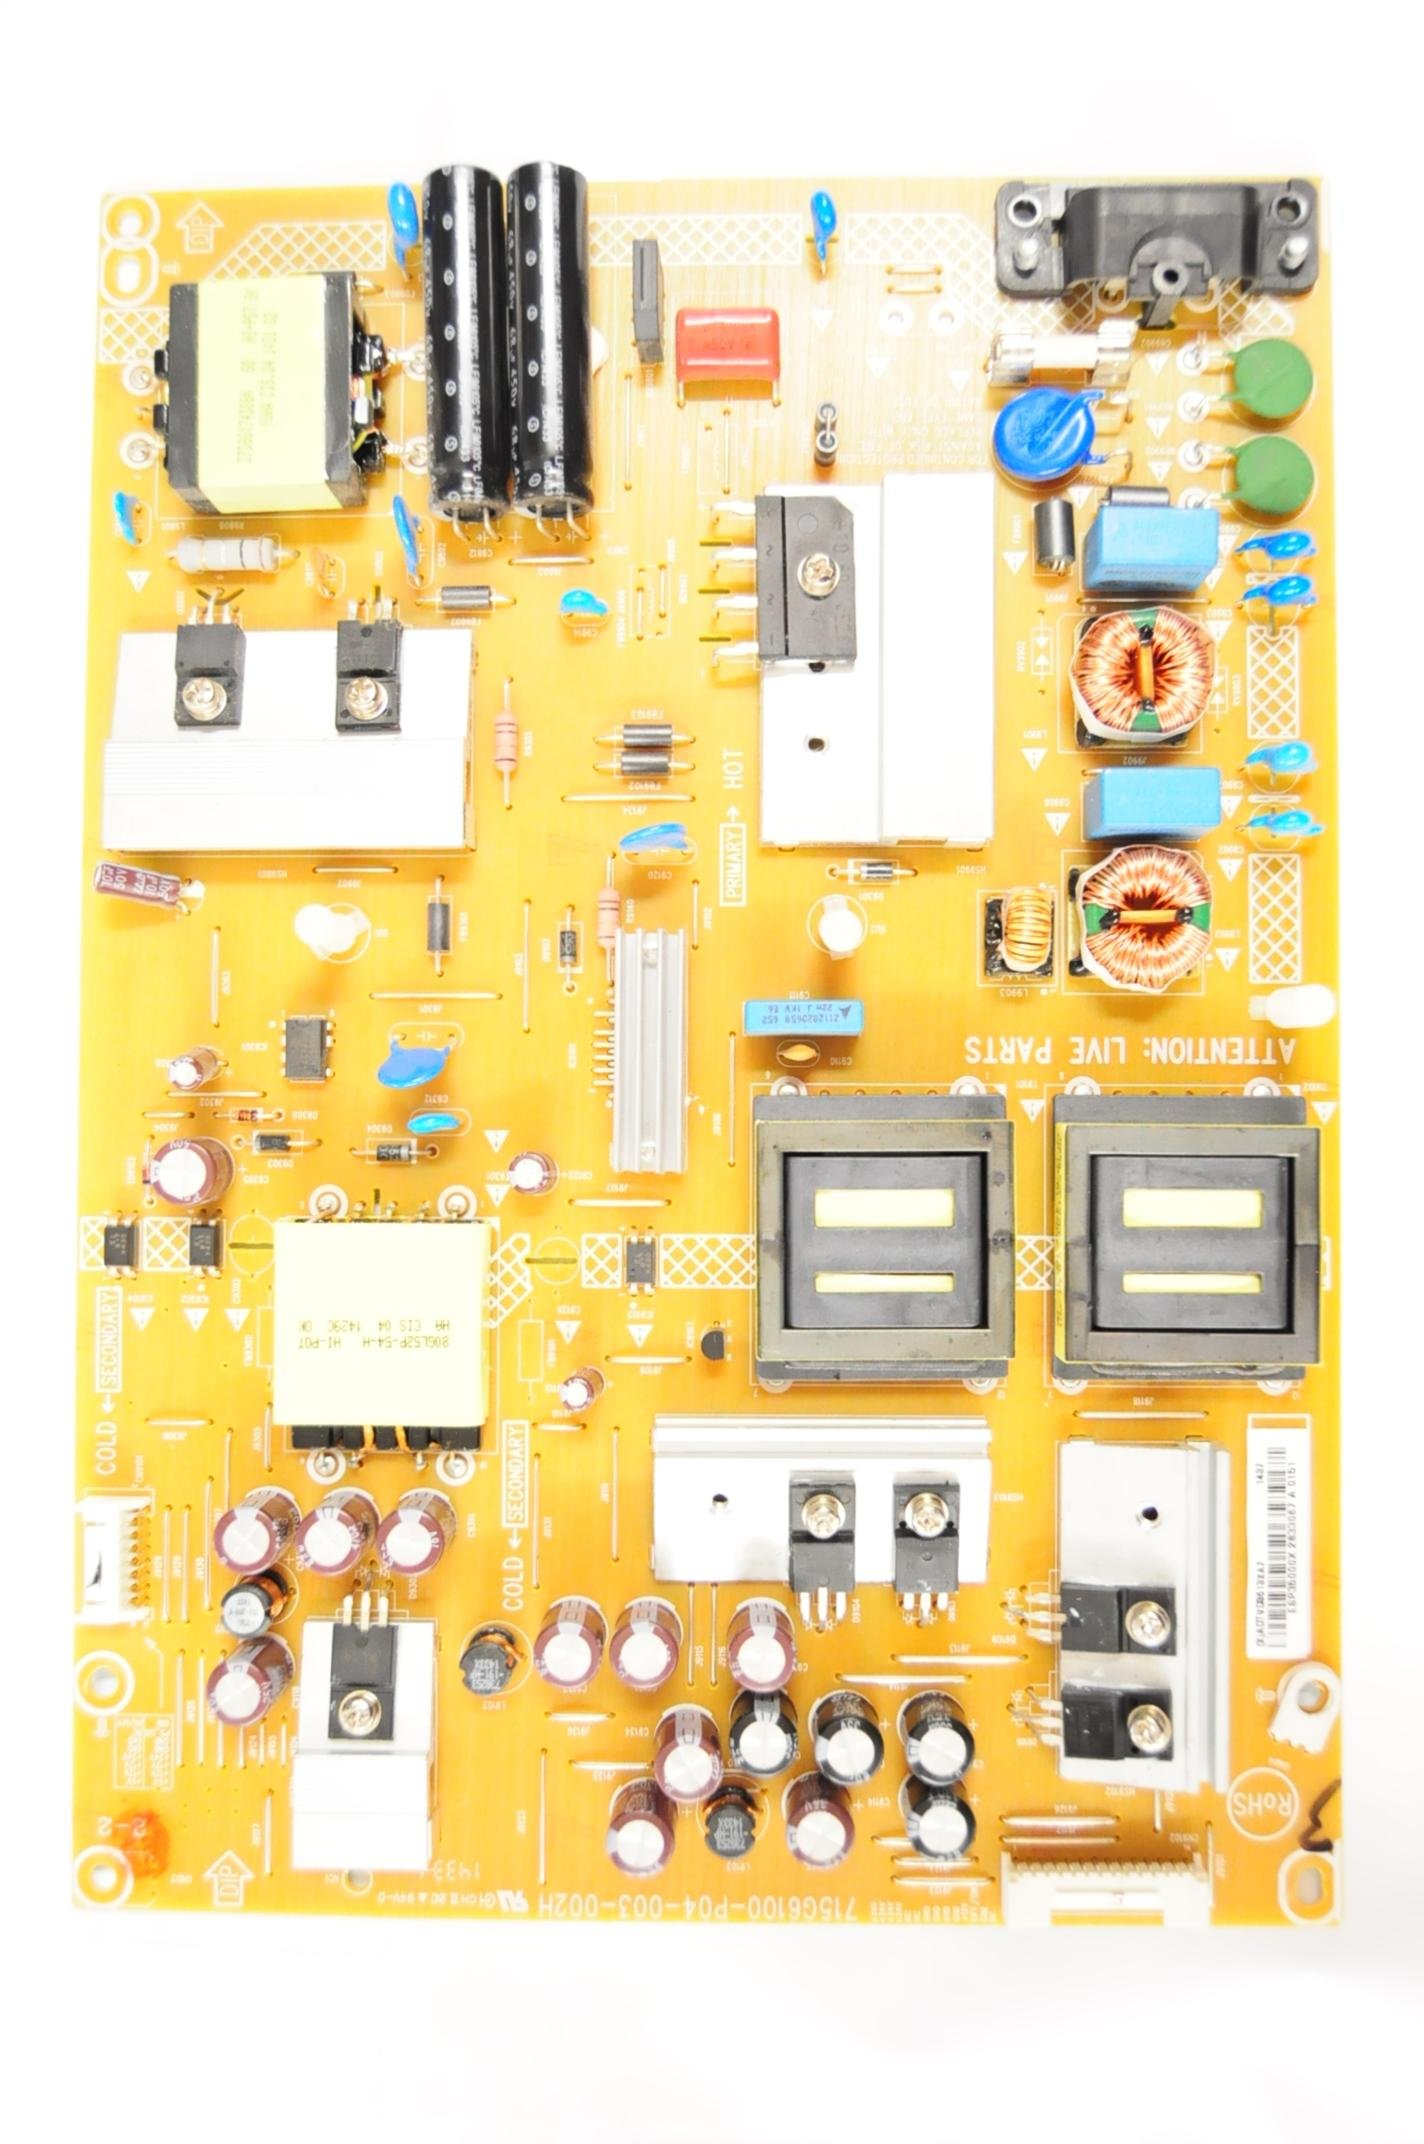 VIZIO M502i-B1 715G6100-P04-003-002H (X)ADTVD8613XA7 POWER SUPPLY 3996